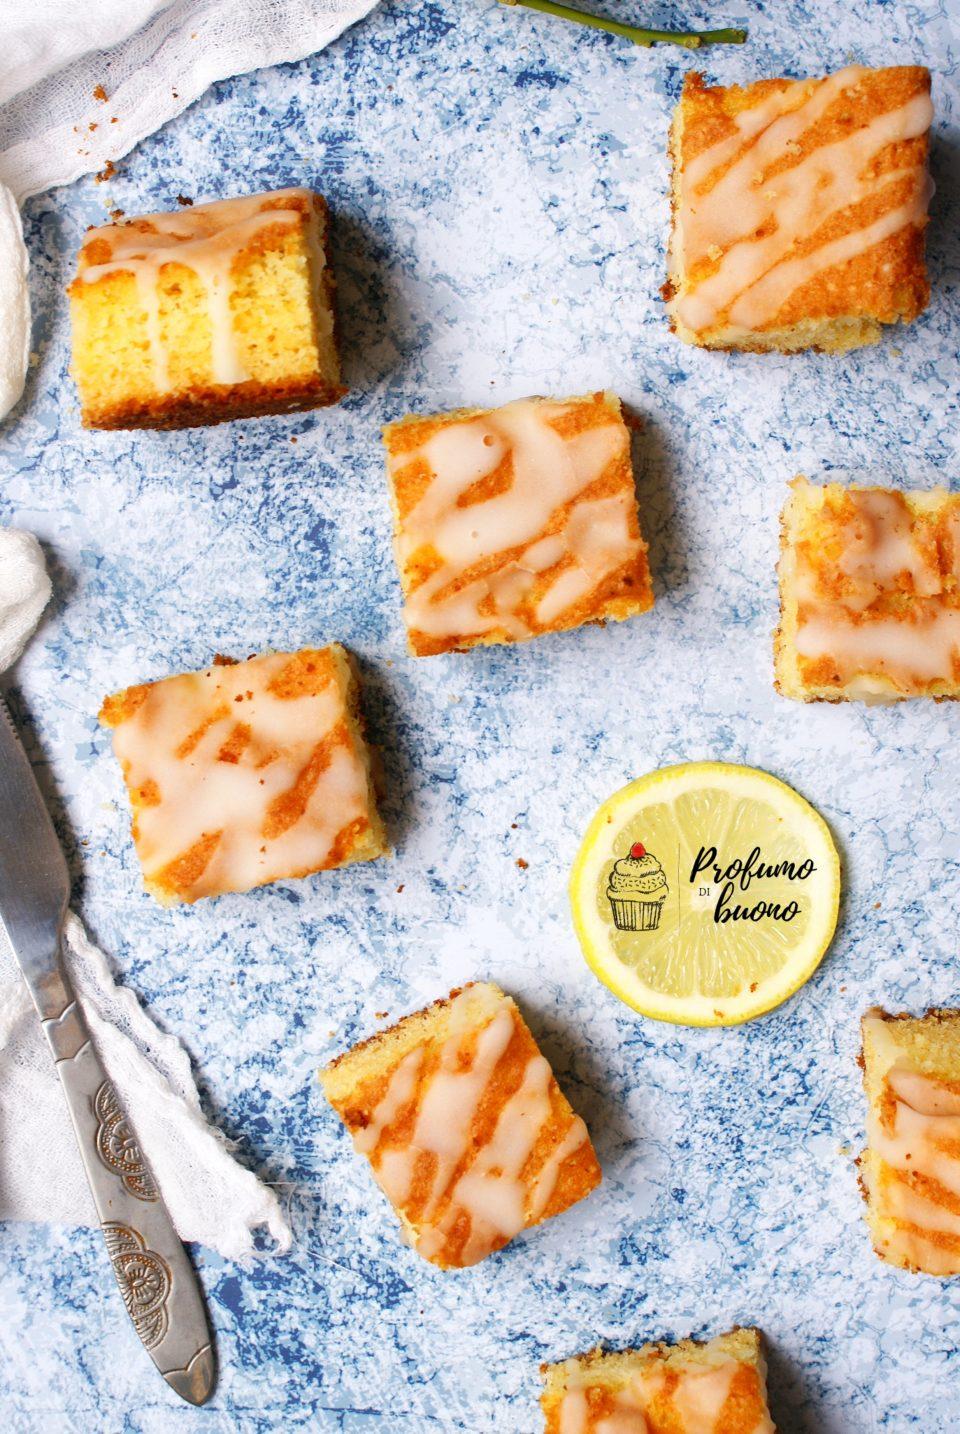 Trancetti al limone senza glutine con glassa al limone